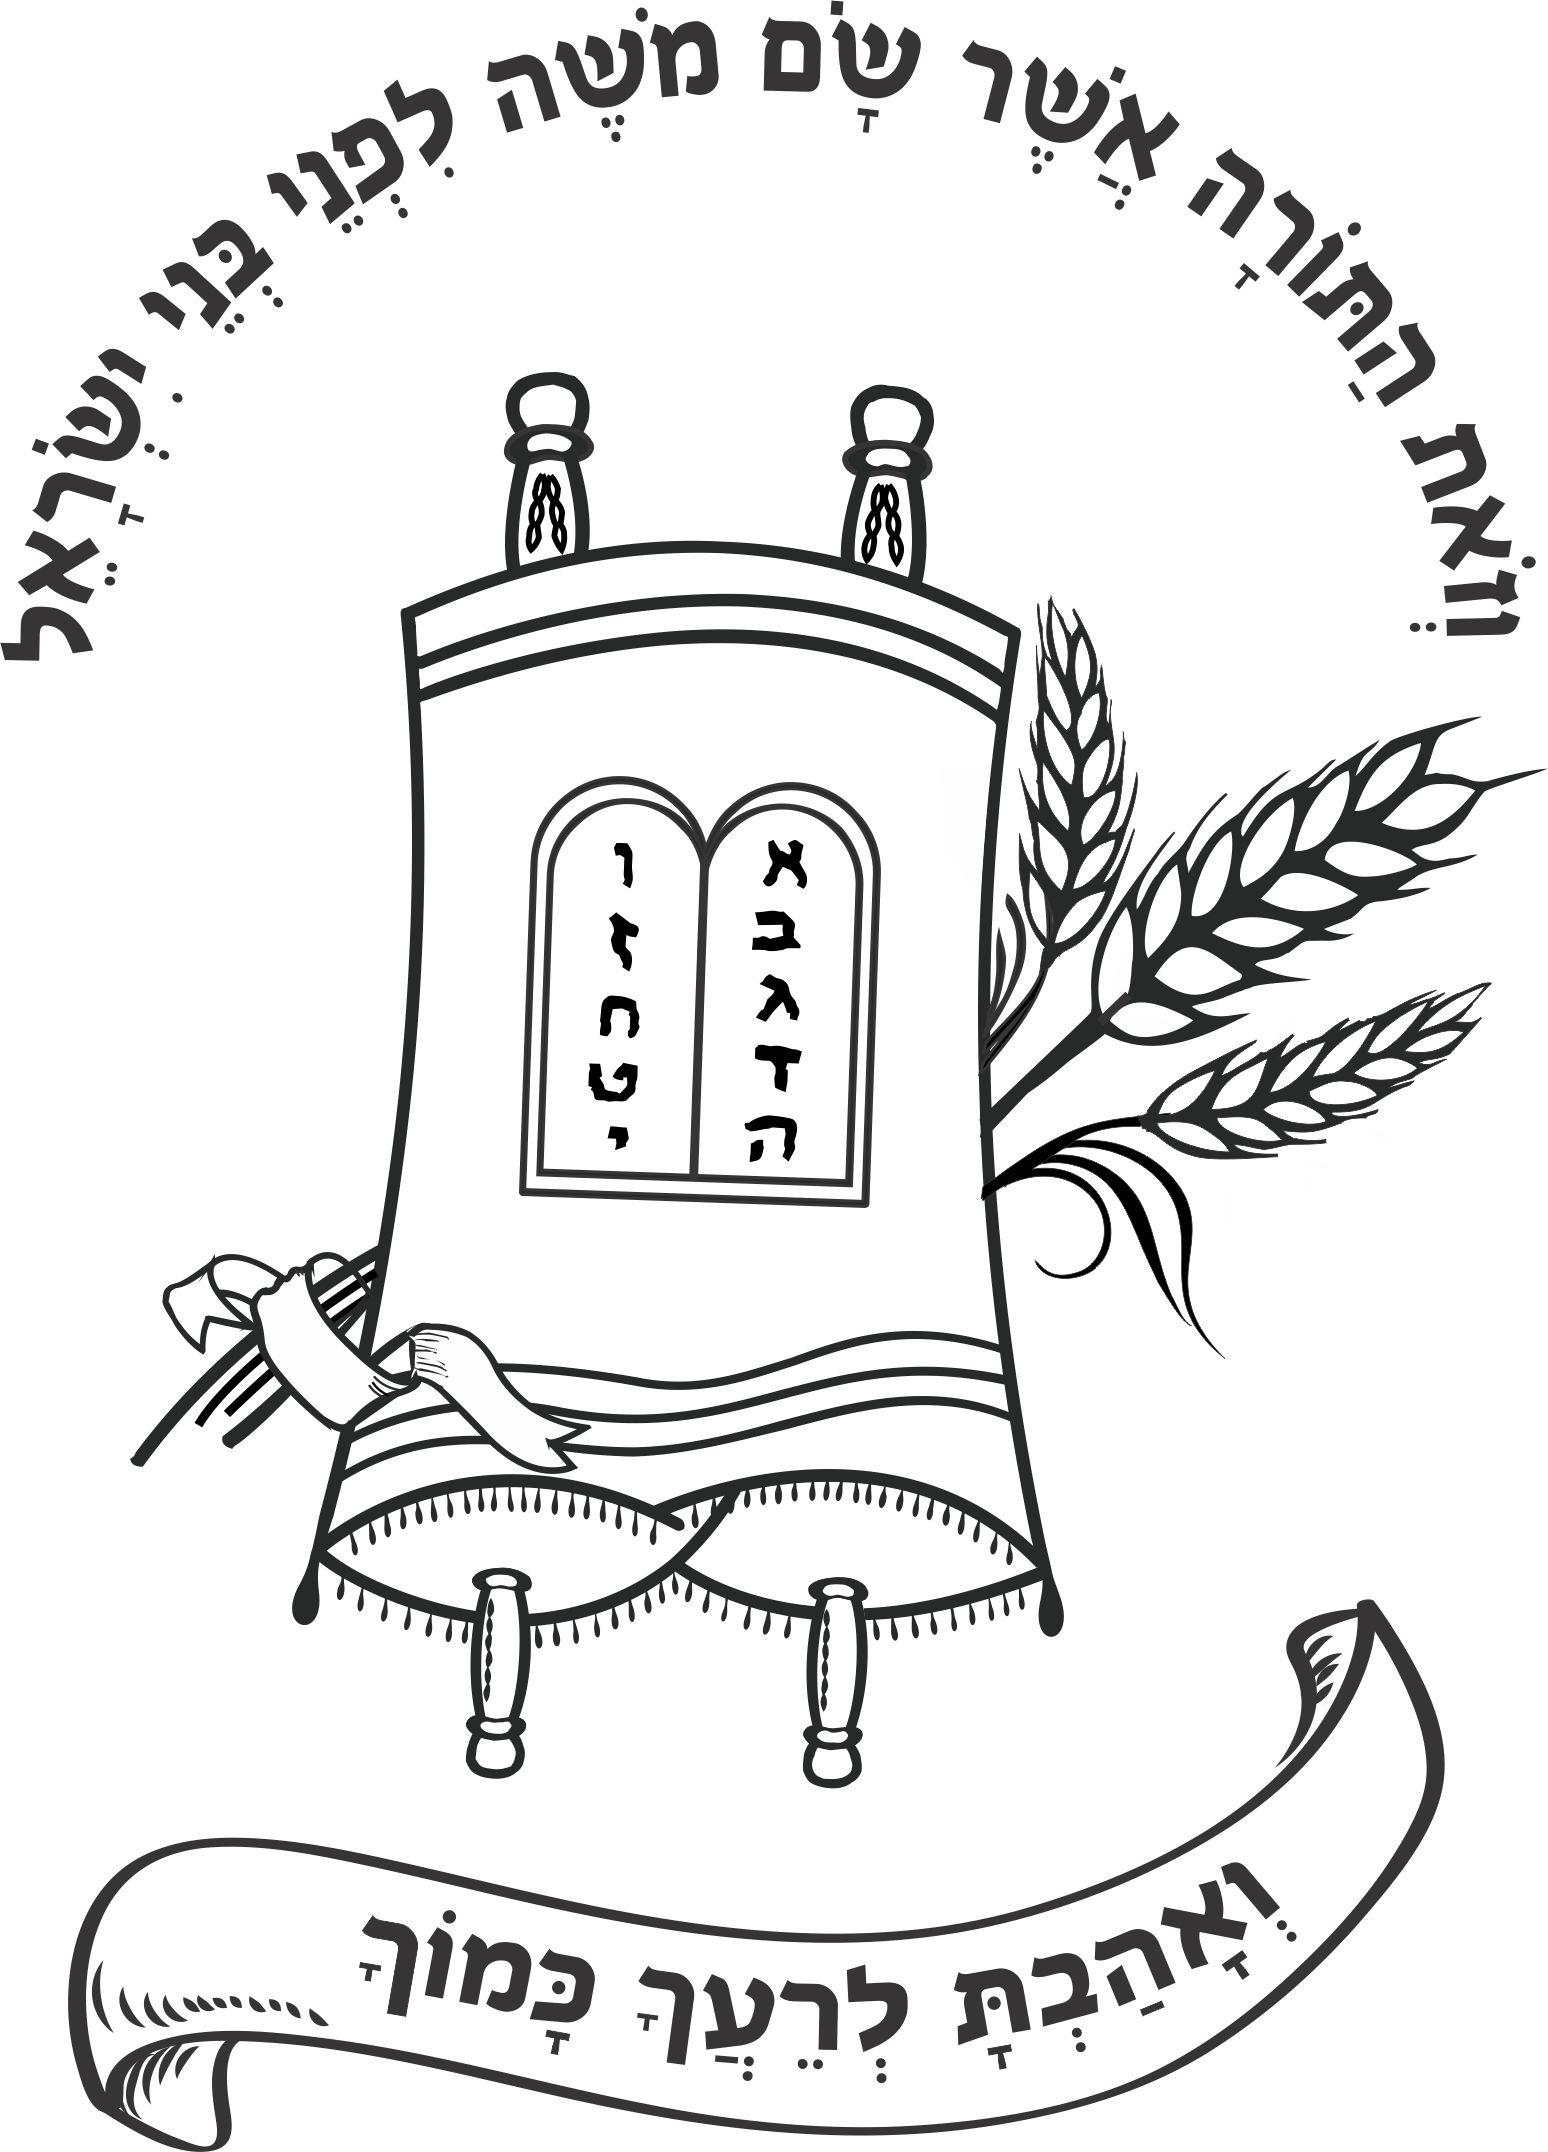 עטיפות לחומש בראשית הדפס אחיד  ספר תורה עם שיבולים